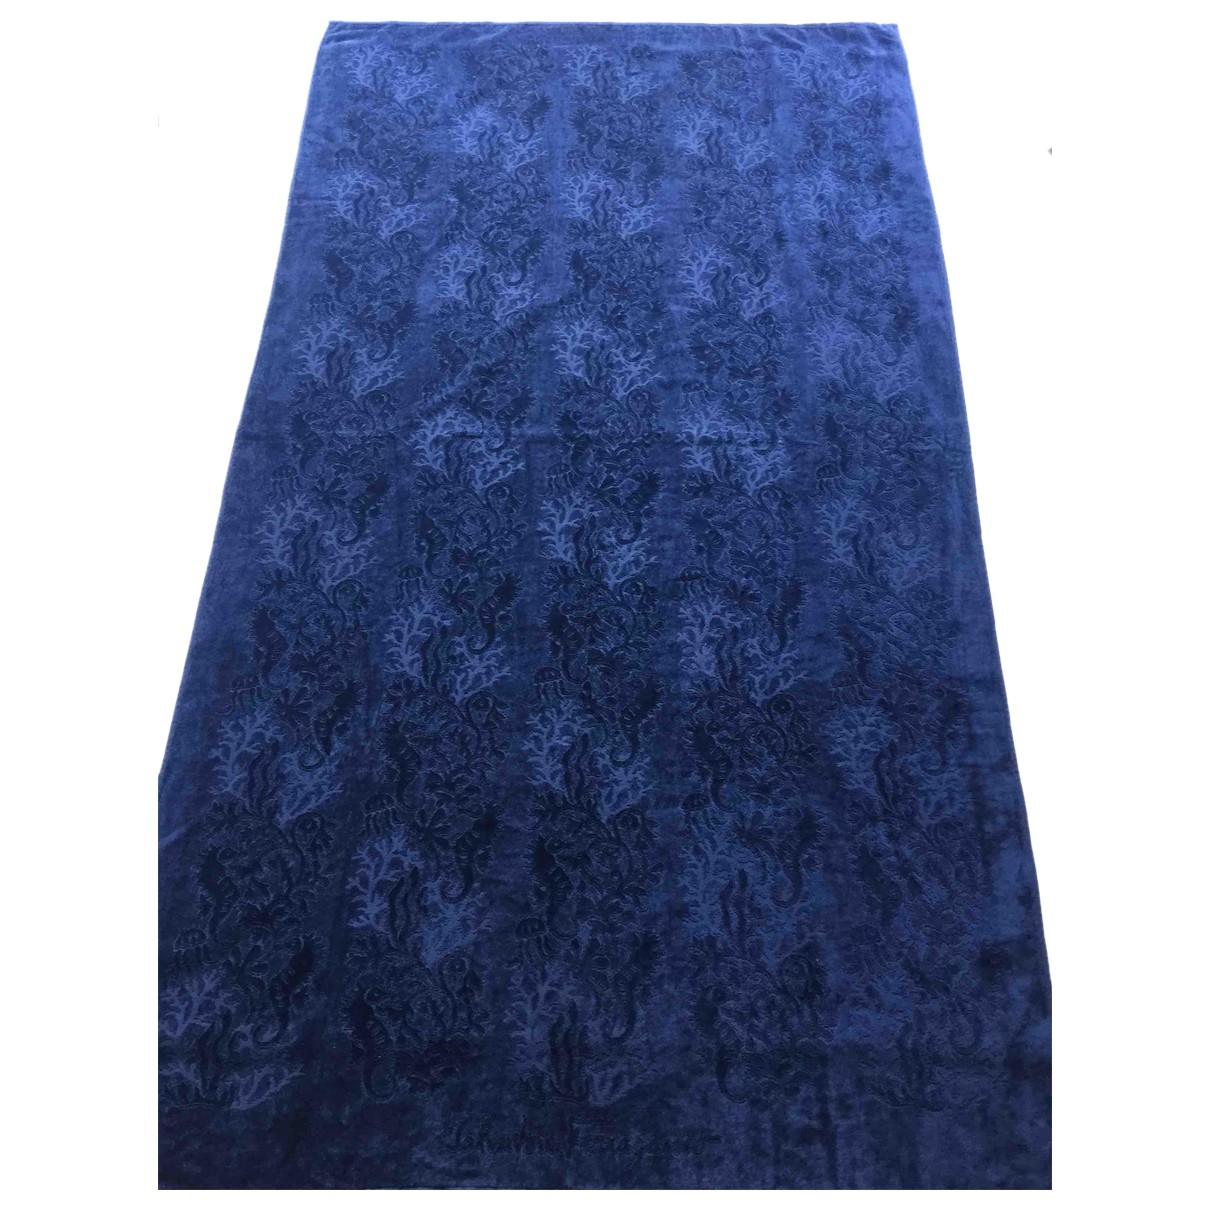 Salvatore Ferragamo - Linge de maison   pour lifestyle en coton - bleu